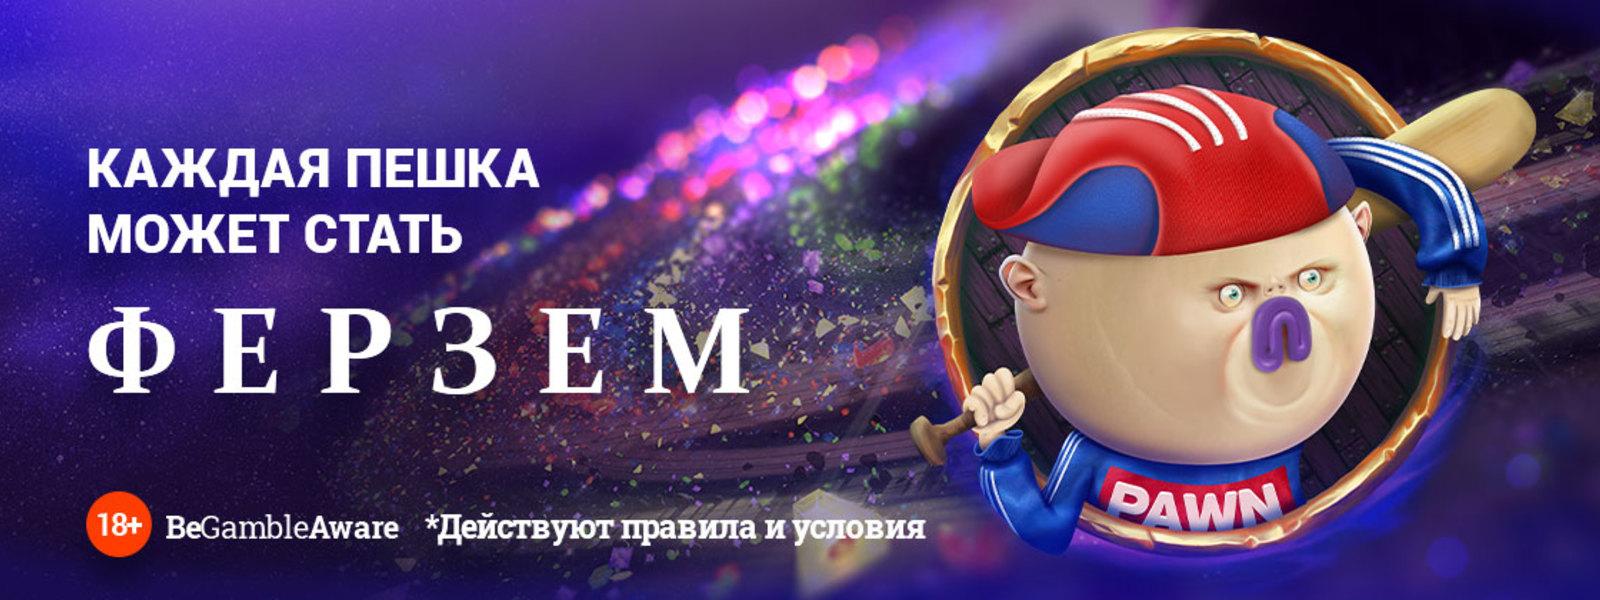 Wide_big_ps_pawn_ru